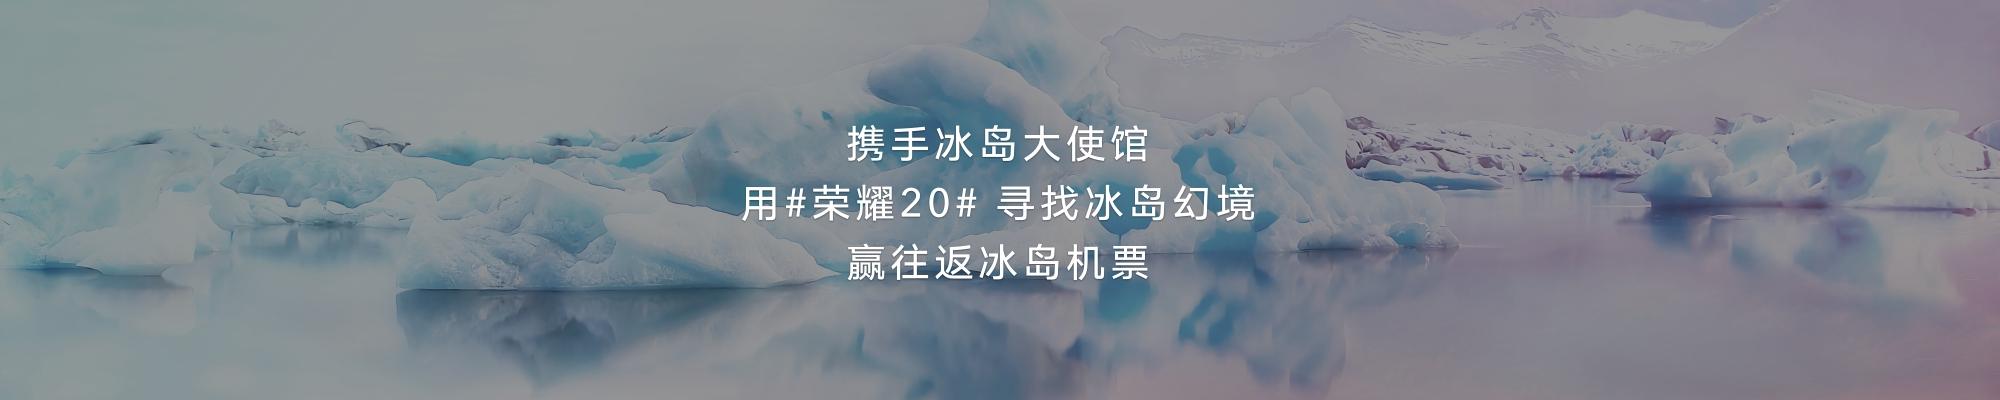 浩克胶片中文版0723-1322整合版-等价格.017.jpeg